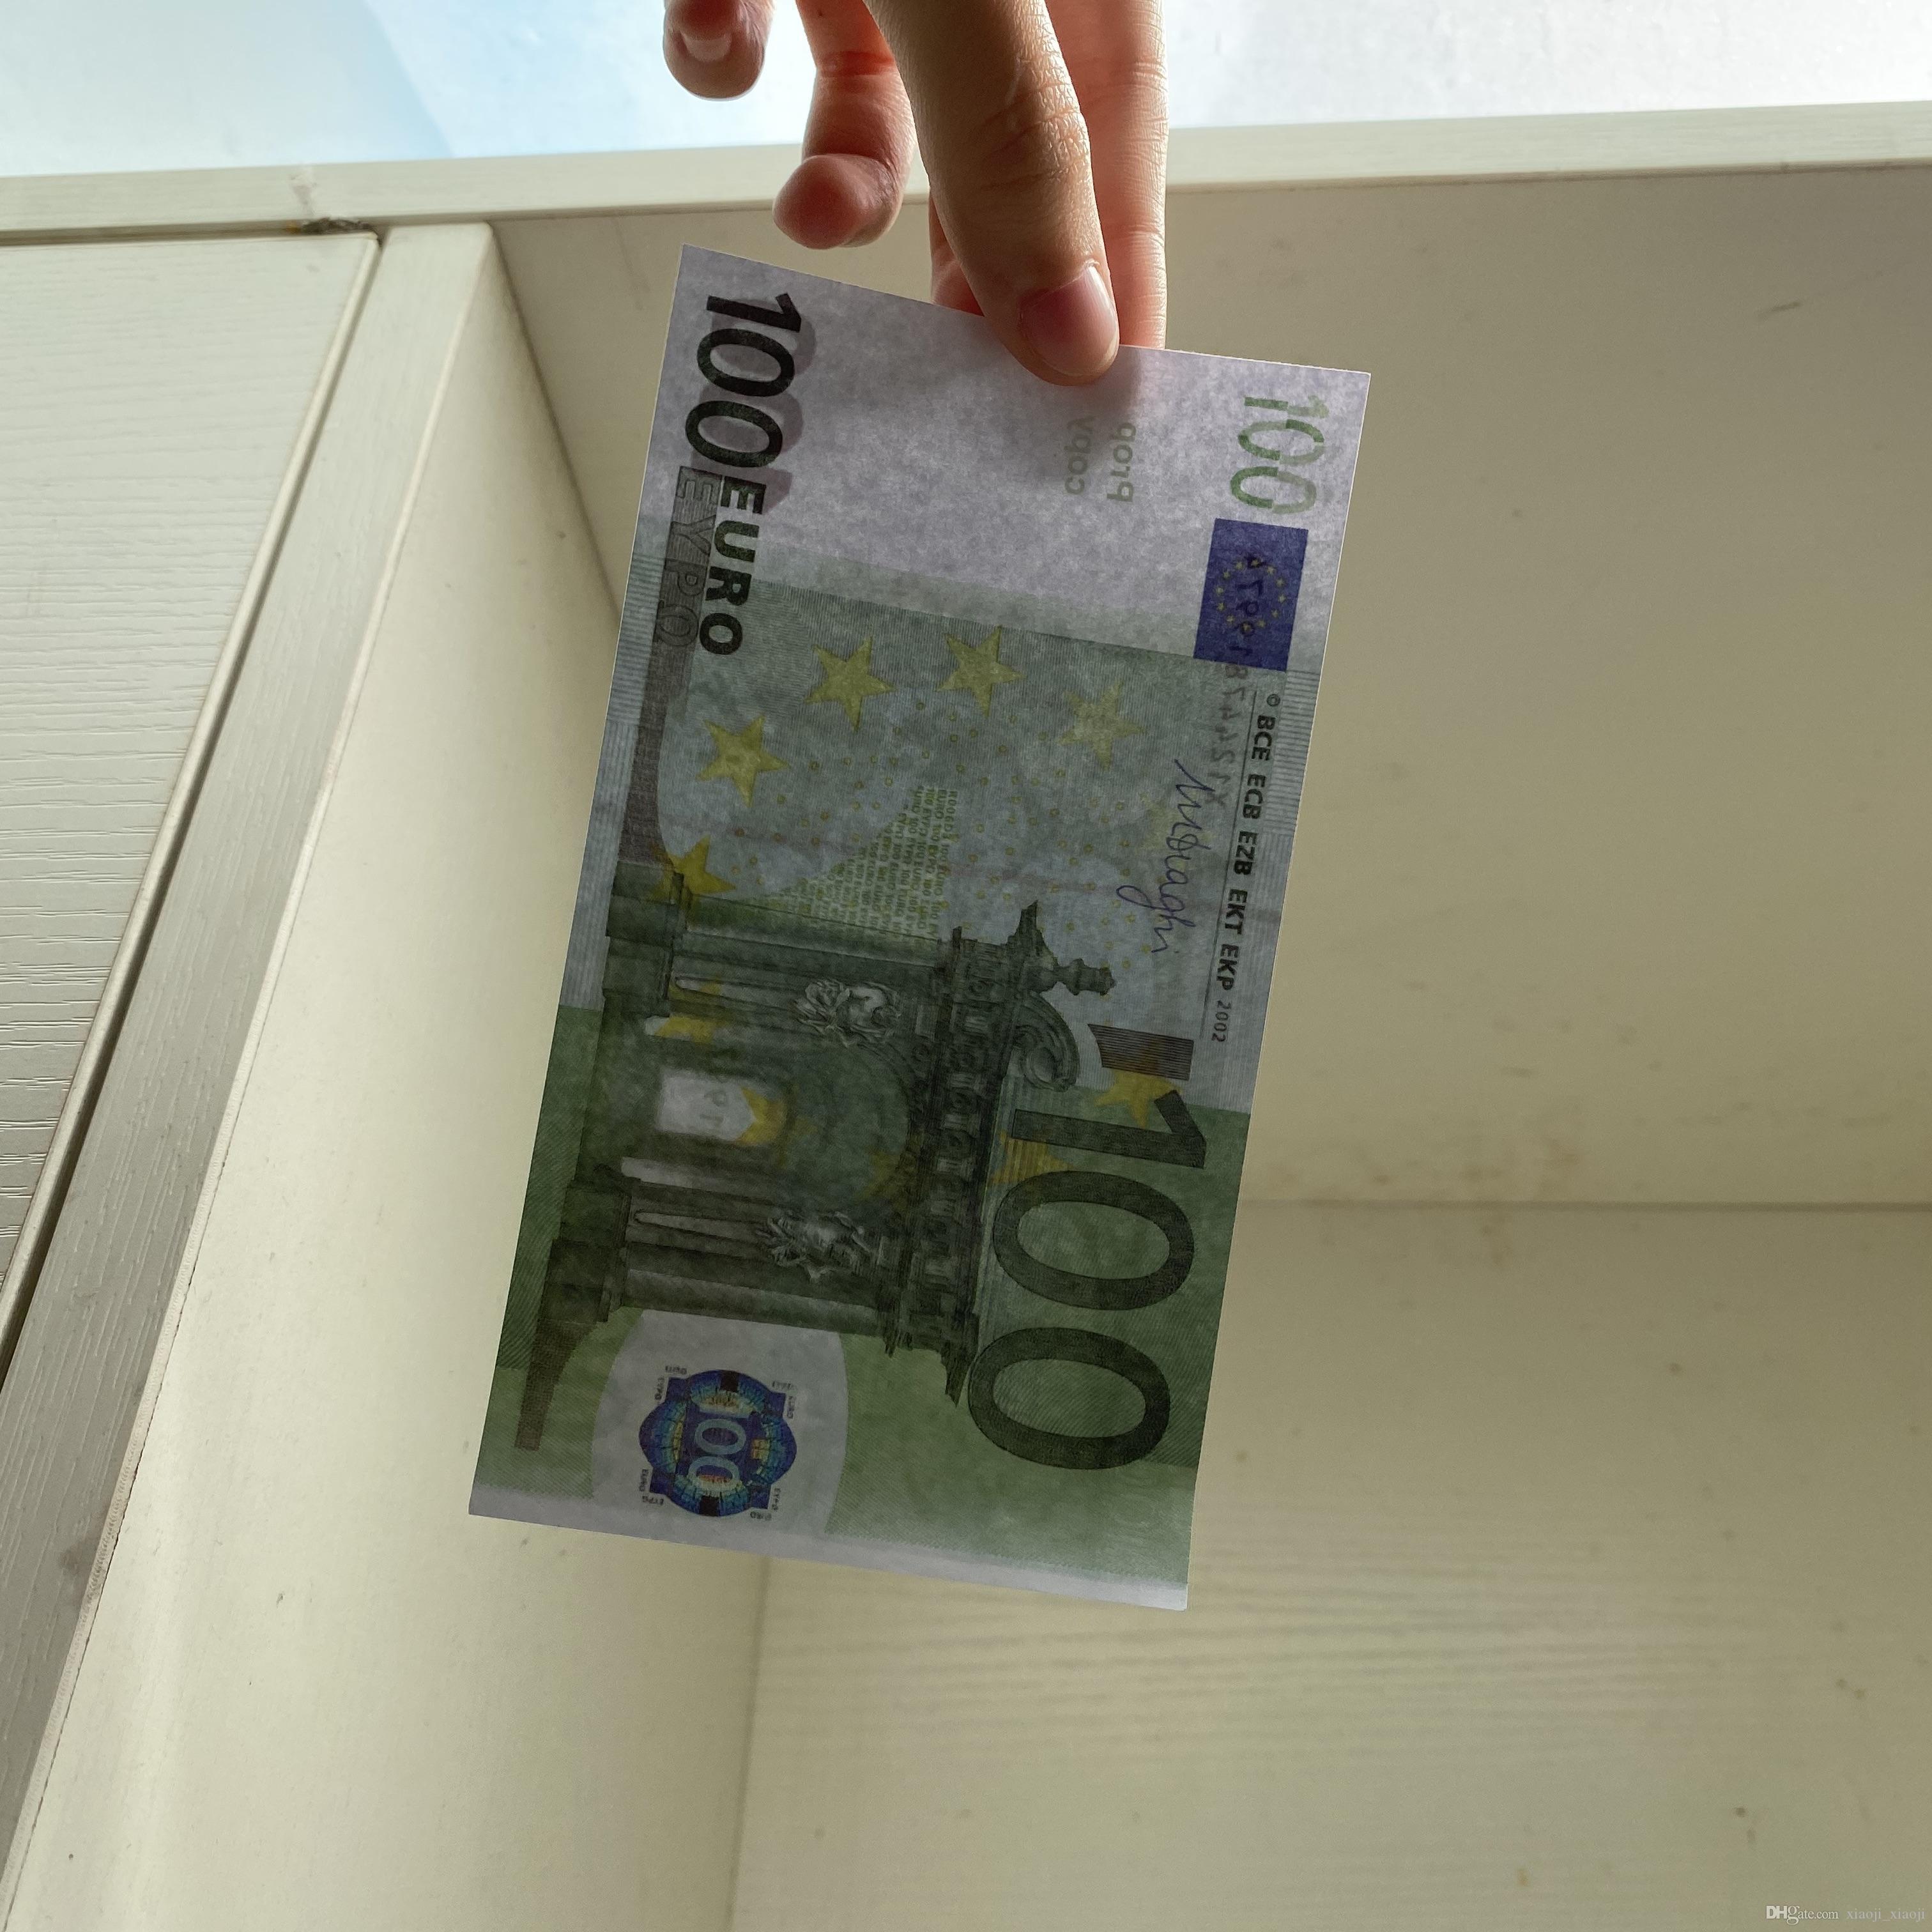 Prop 100pcs / pack Banconota realistica Game familiare Gioco degli Stati Uniti Toy235 / Euro / Dollar Paper Money o più copia bambini IGABV